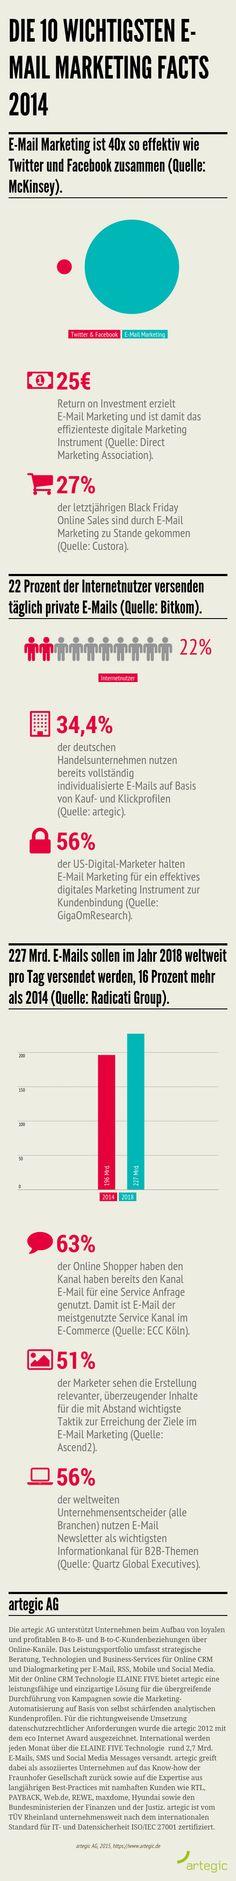 Wir blicken zurück auf das E-Mail Marketing Jahr 2014 und haben 10 wichtige E-Mail Marketing Facts in einer Infografik zusammengefasst.